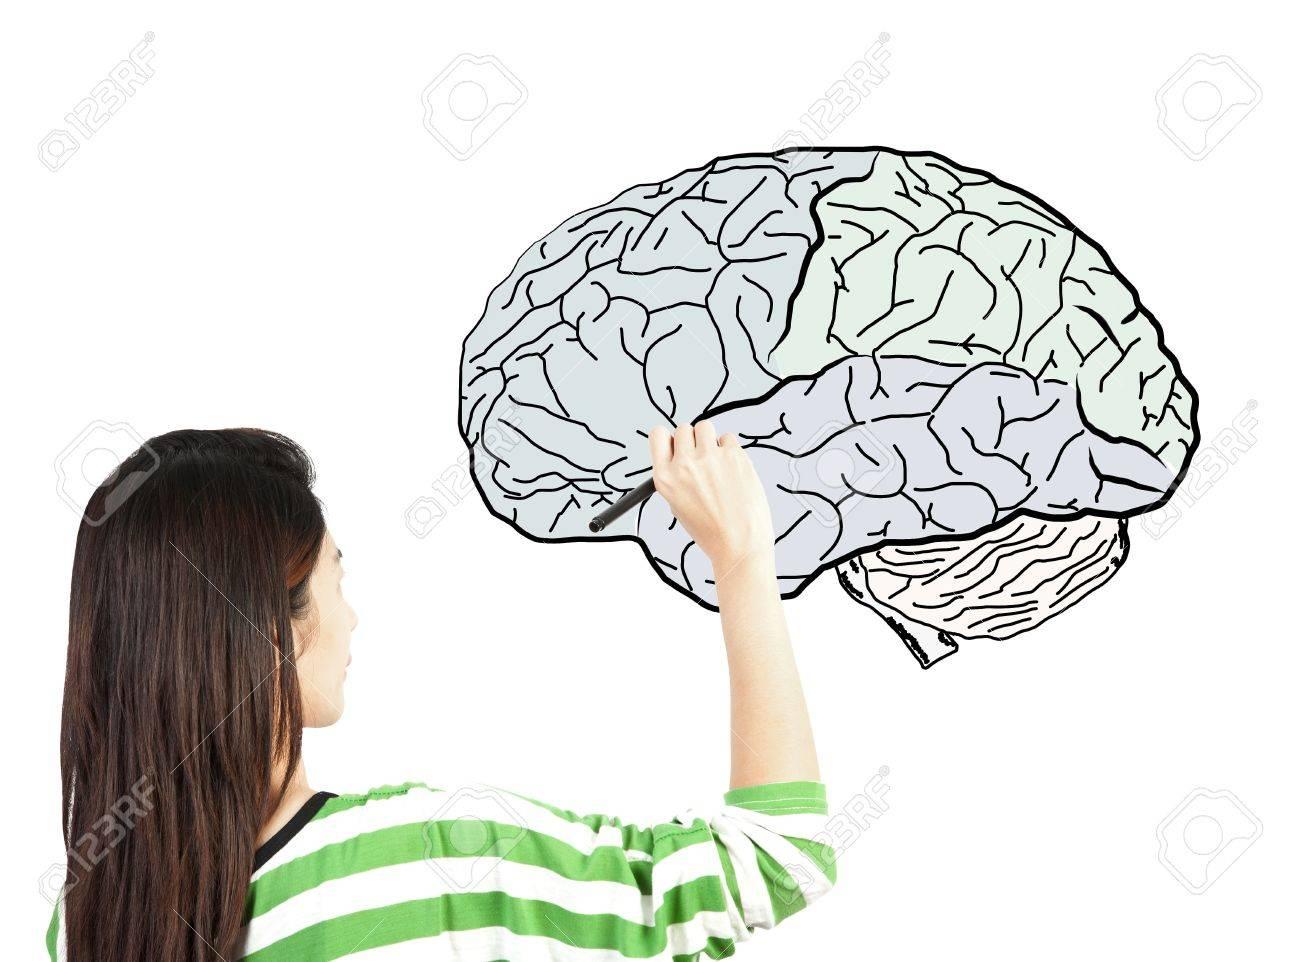 Fantastisch Gehirn Diagramm Bilder - Menschliche Anatomie Bilder ...